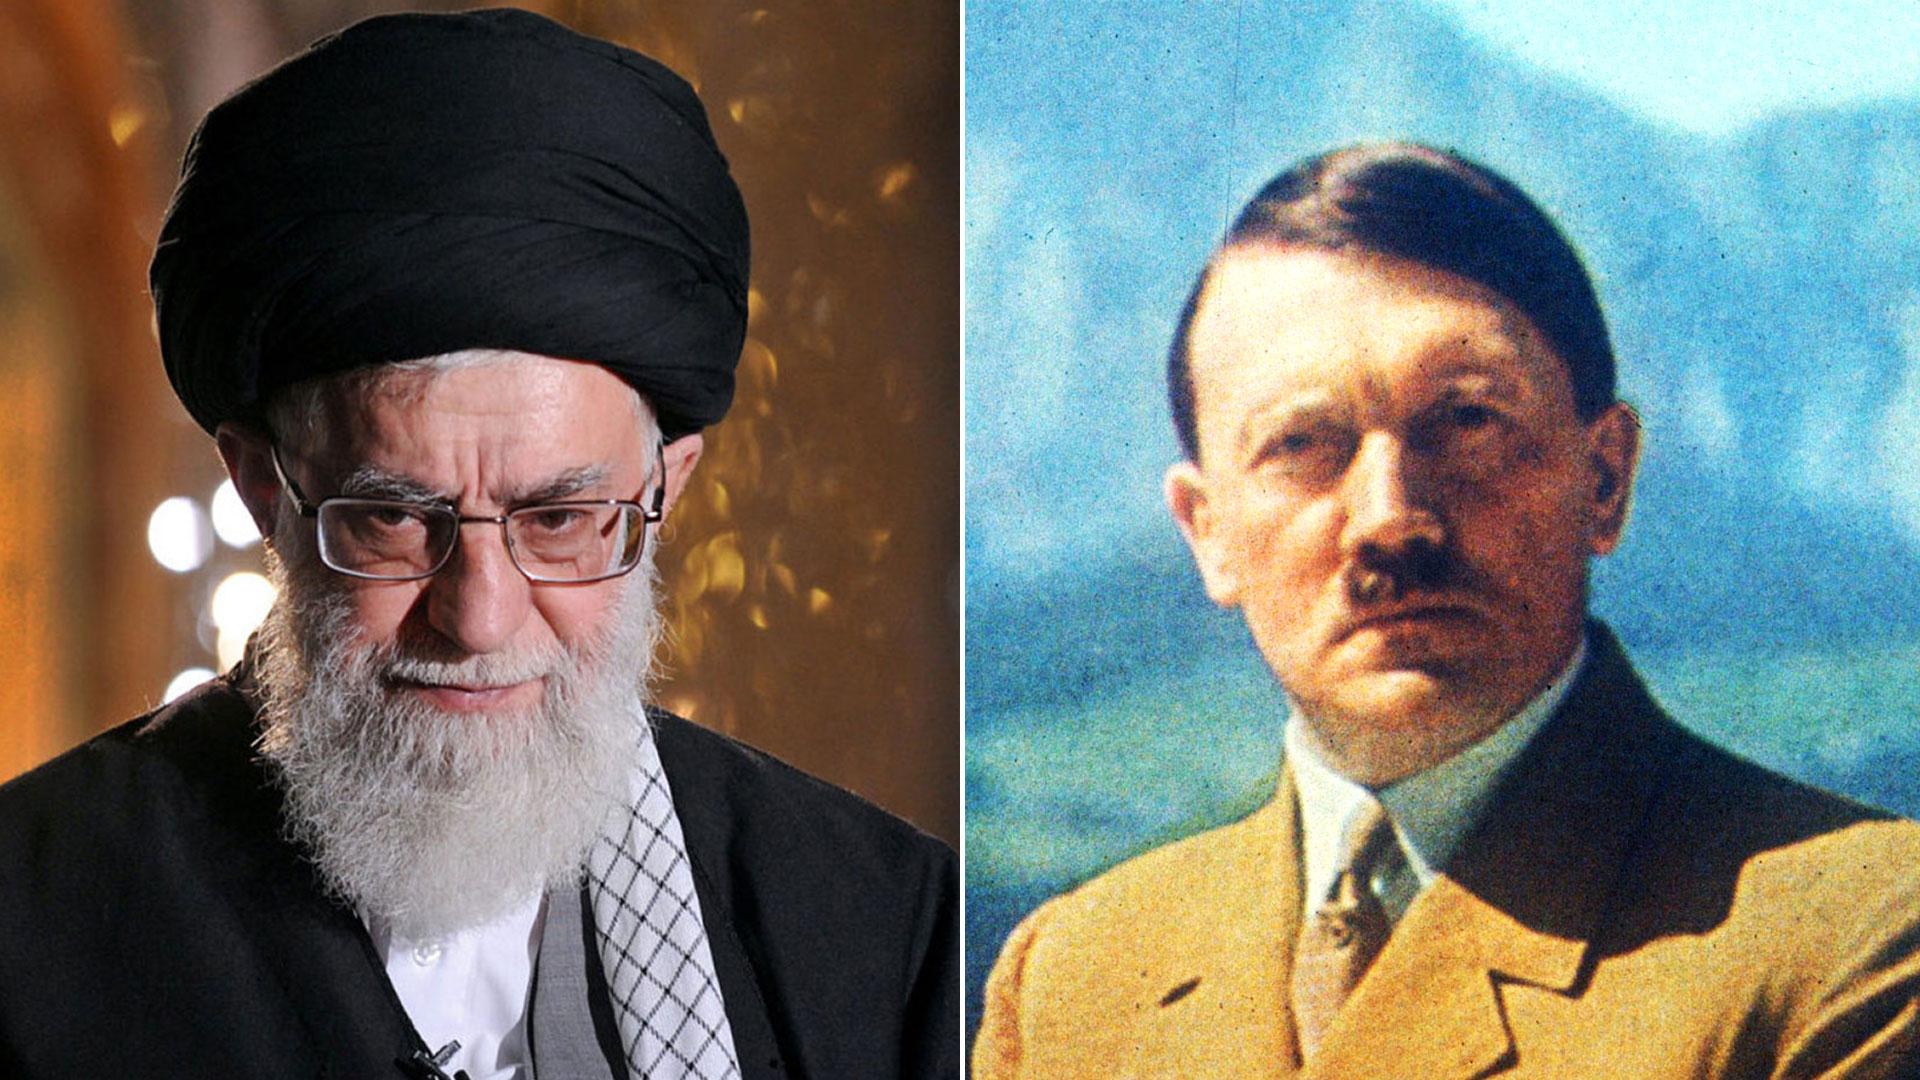 """El líder supremo iraní Ali Khamenei y el führer nazi Adolf Hitler, comparables en """"búsqueda de expandirse"""", según el príncipe heredero saudita"""